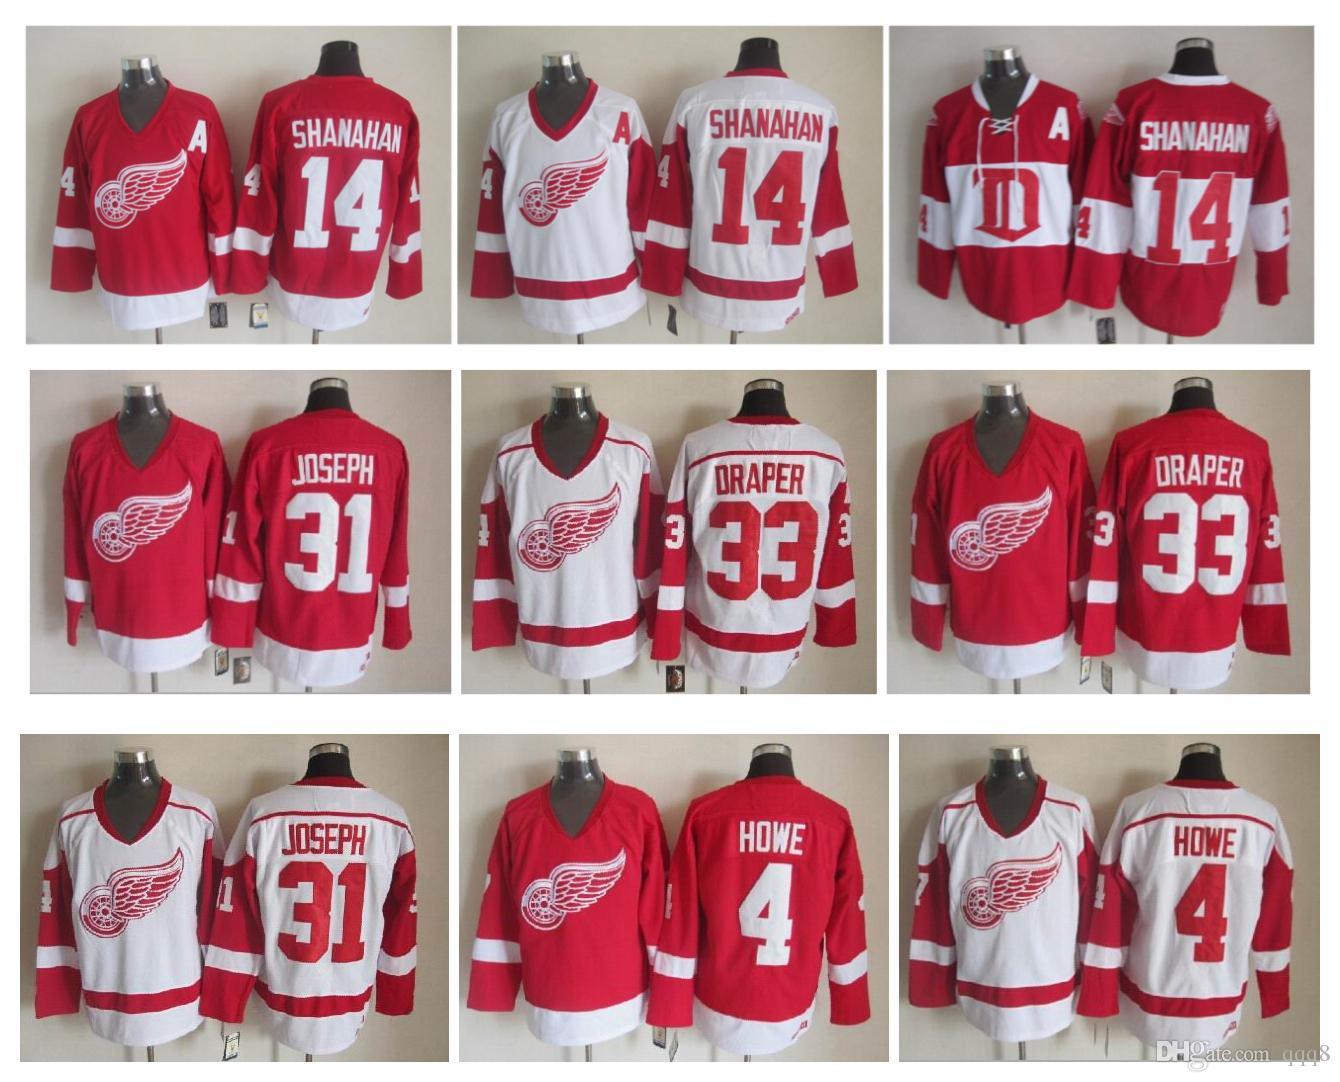 ec3c3ed83 ... winter classic jersey in stock e050d e036b  uk 2019 detroit red wings  hockey jersey 4 gordie howe 14 brendan shanahan 33 kris draper